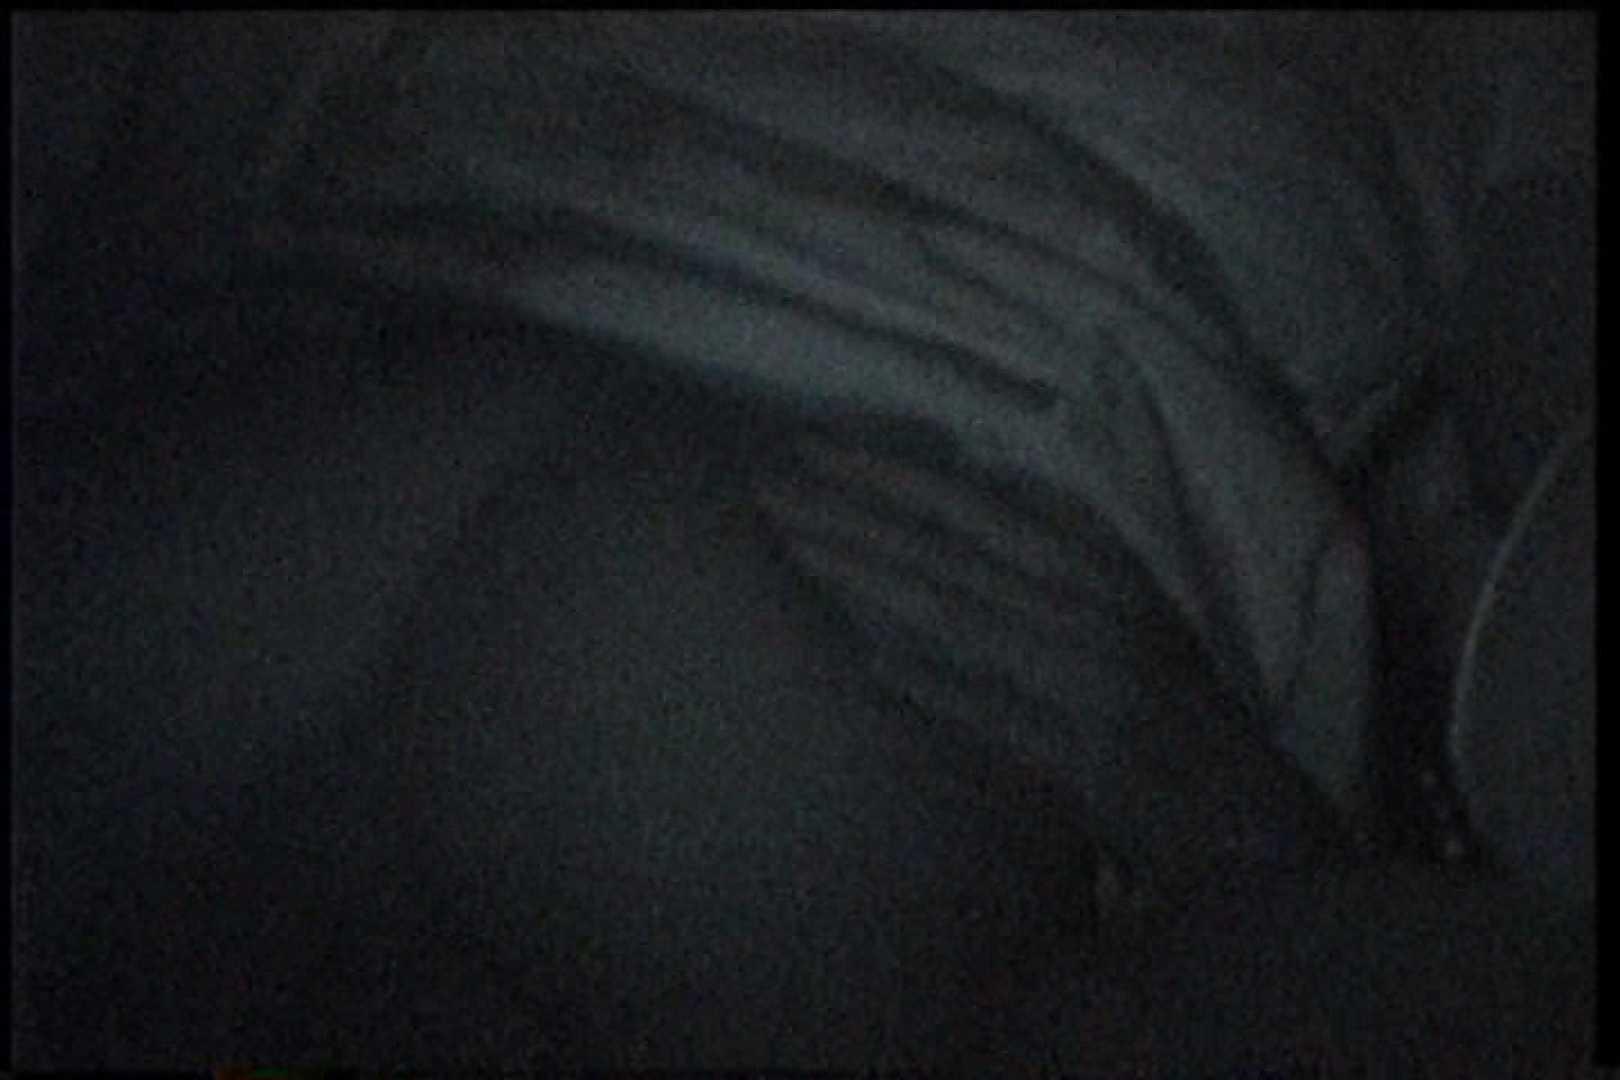 充血監督の深夜の運動会Vol.240 エロティックなOL | エッチなセックス  91画像 89